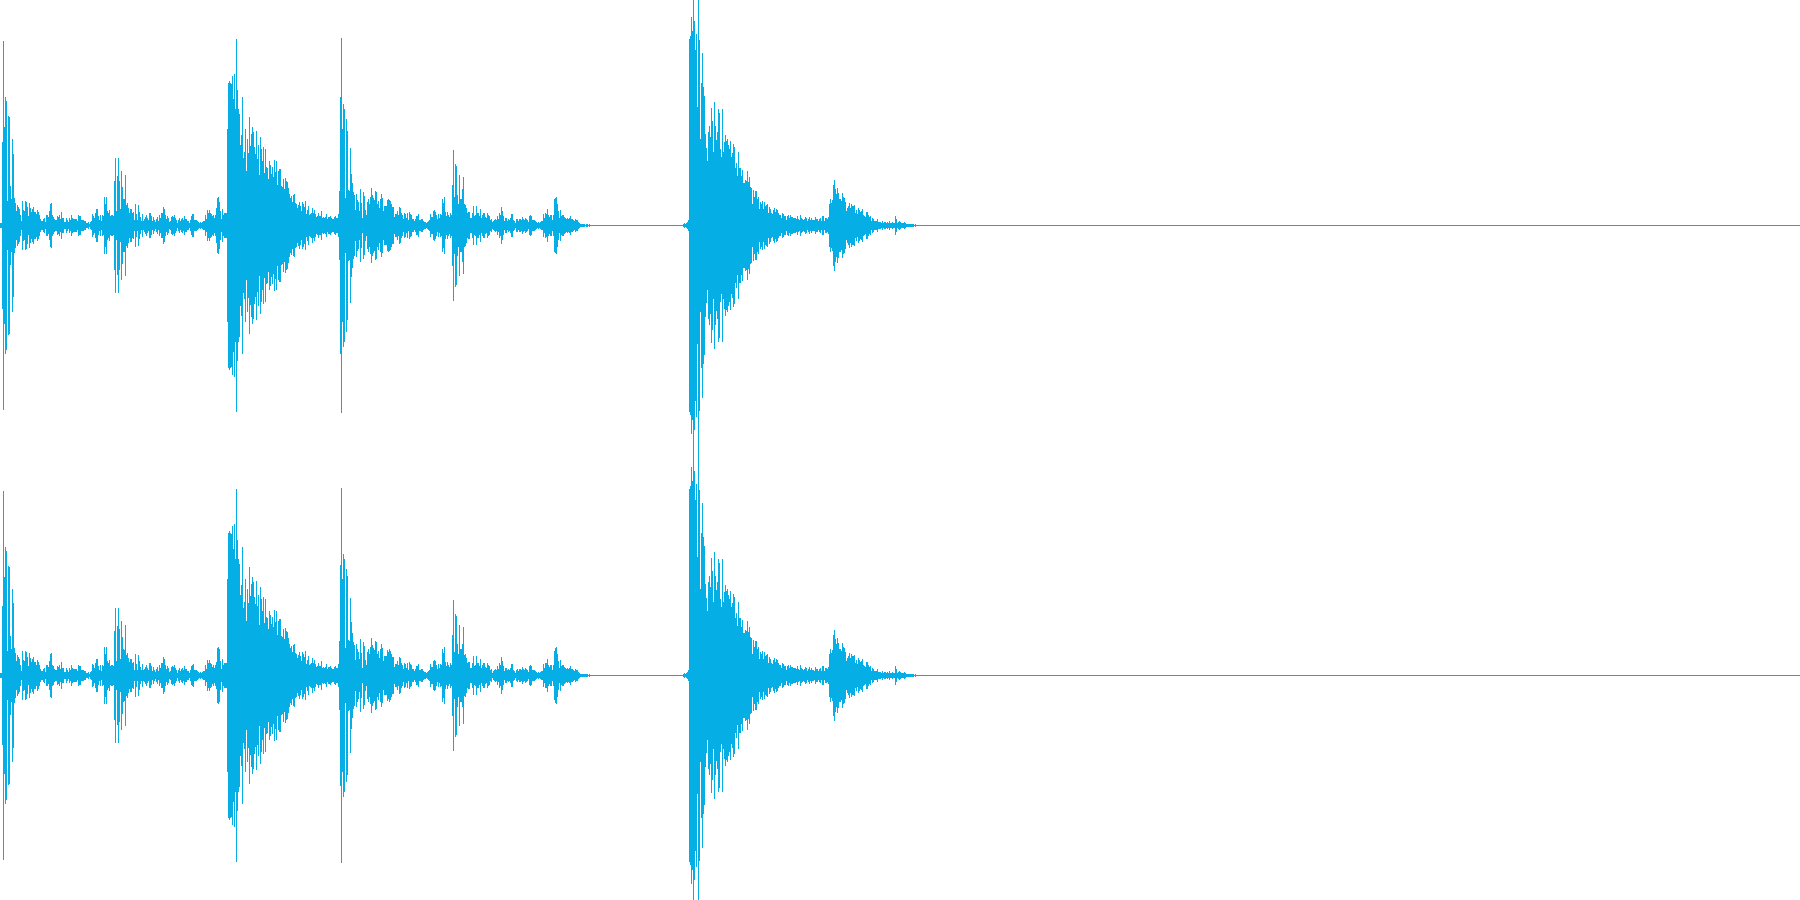 ダッシュ音の再生済みの波形